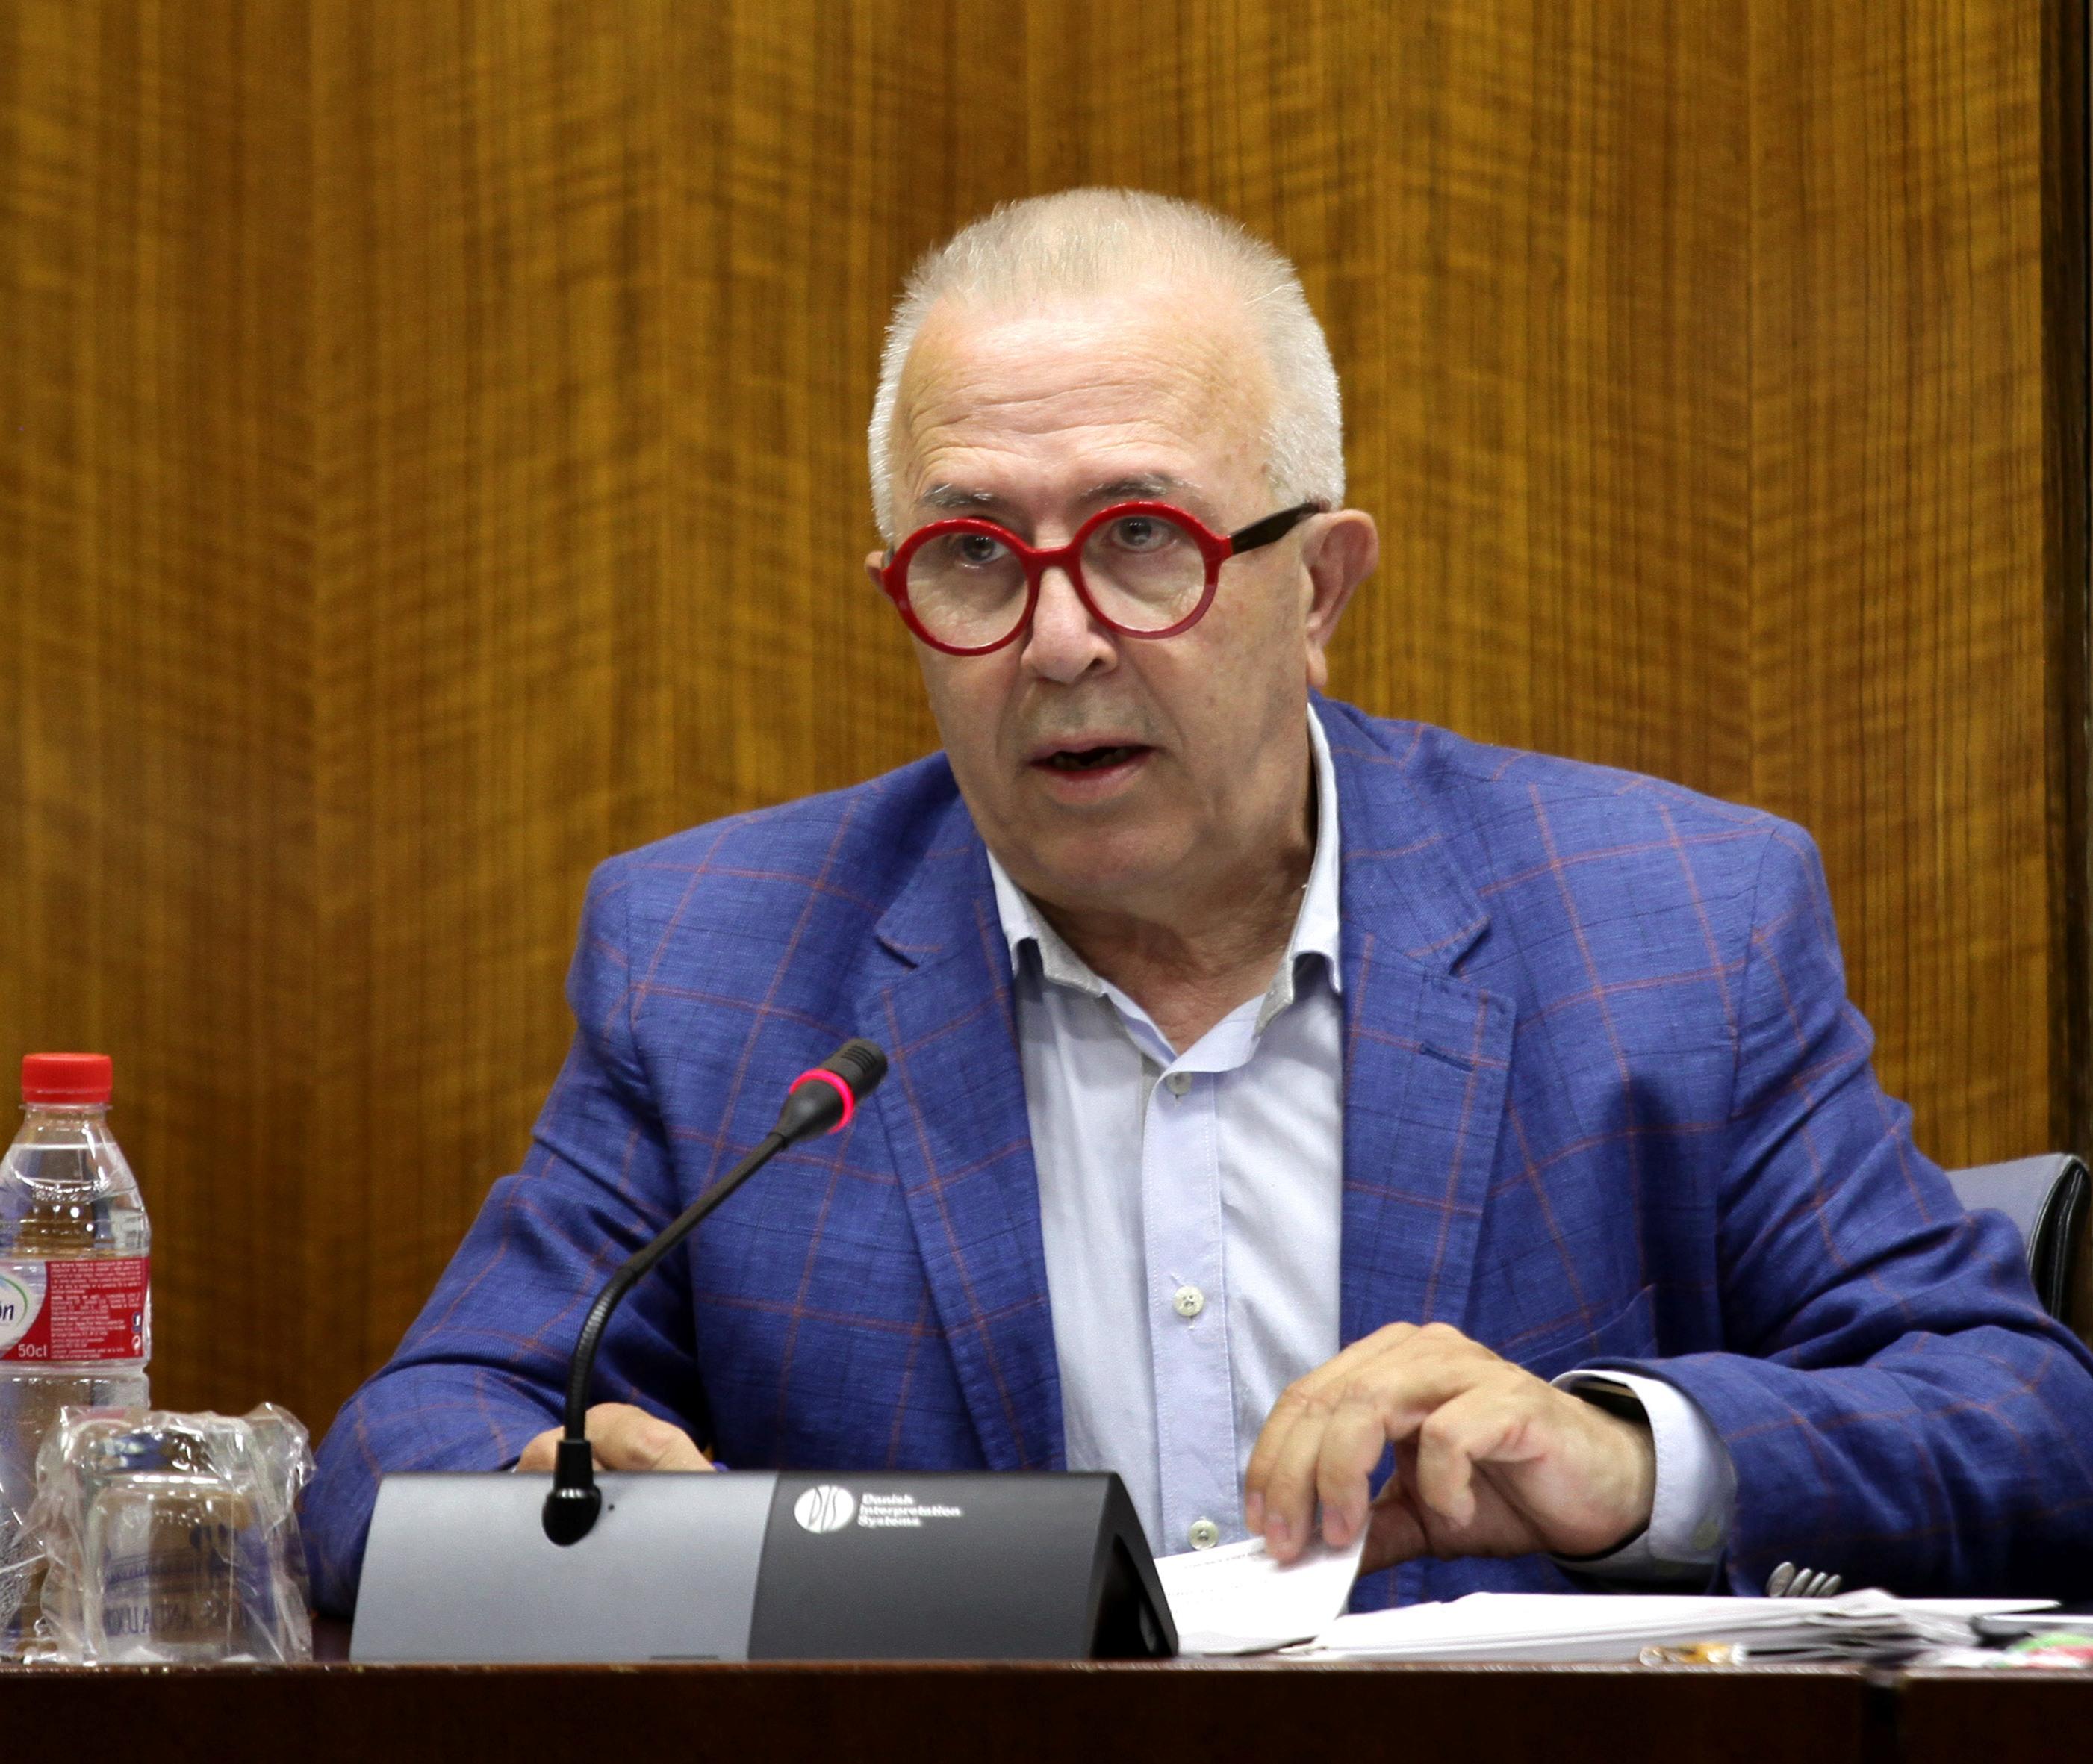 El consejero de Economía, José Sánchez Maldonado, en el Parlamento